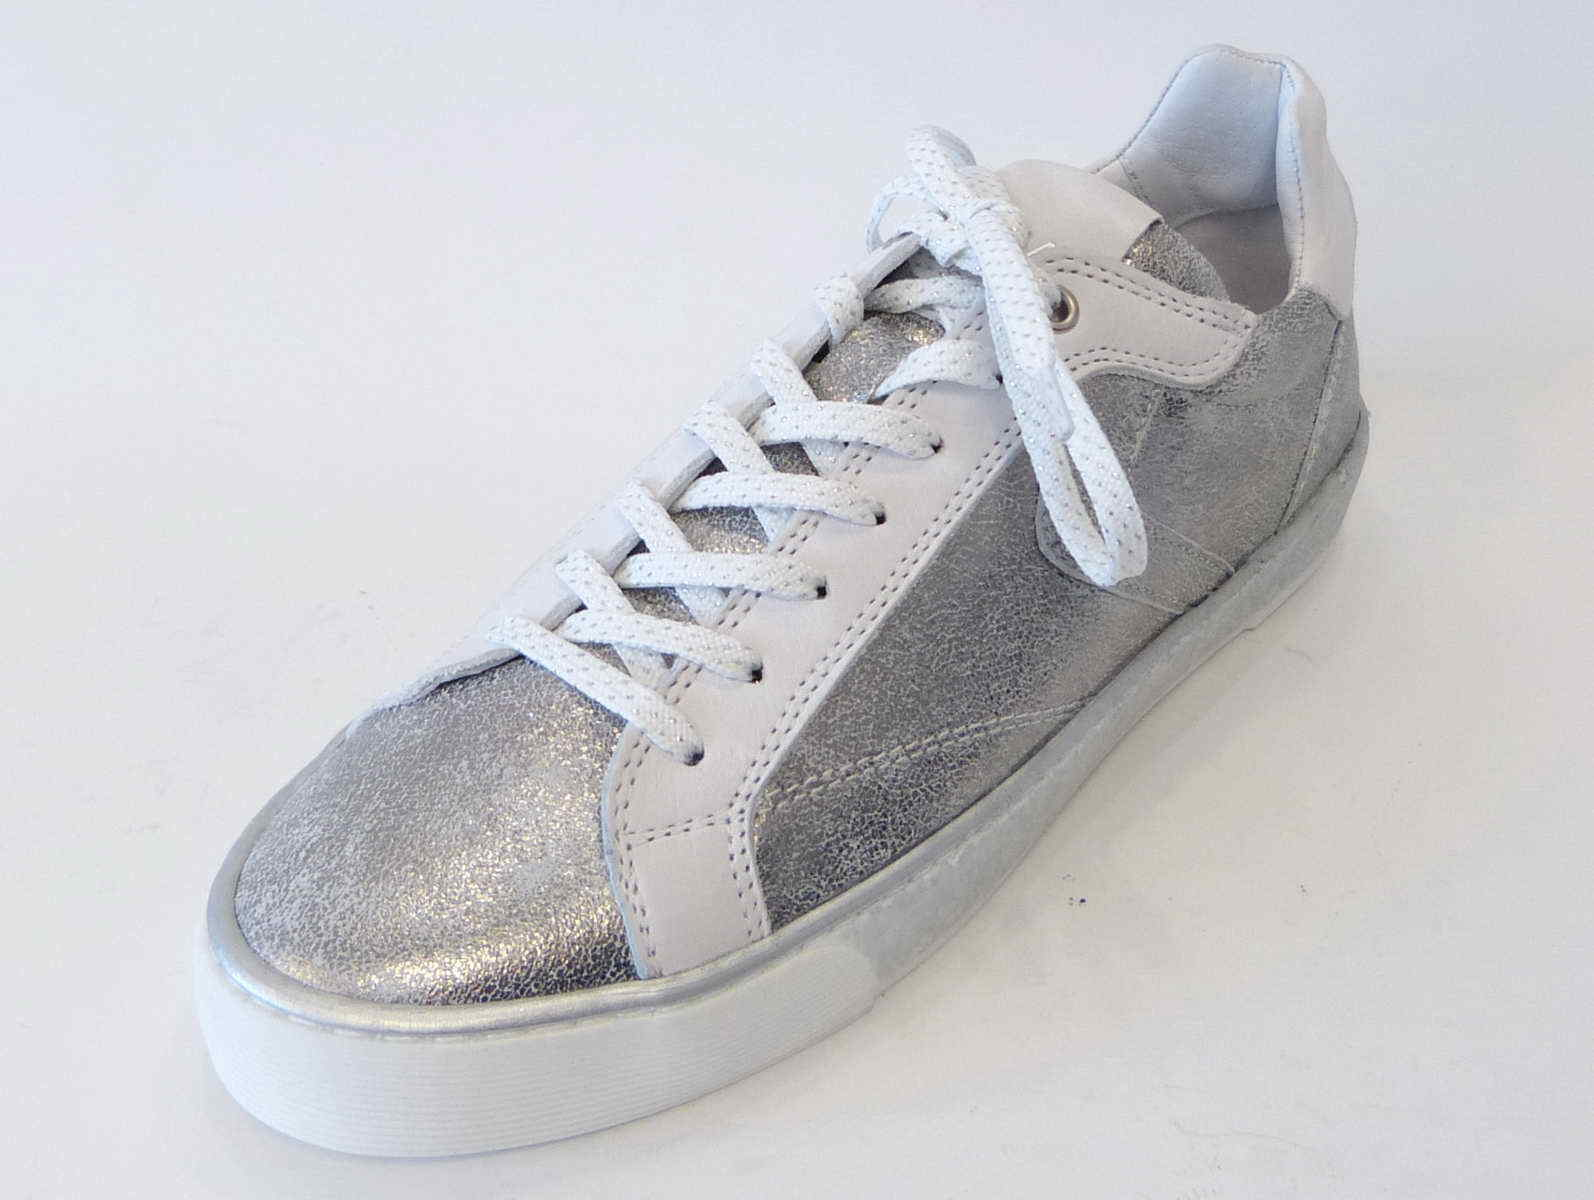 Zapatos promocionales para hombres y mujeres Maca Kitzbühel Sneaker white Silver weiß 2247 90 Leder Einlage